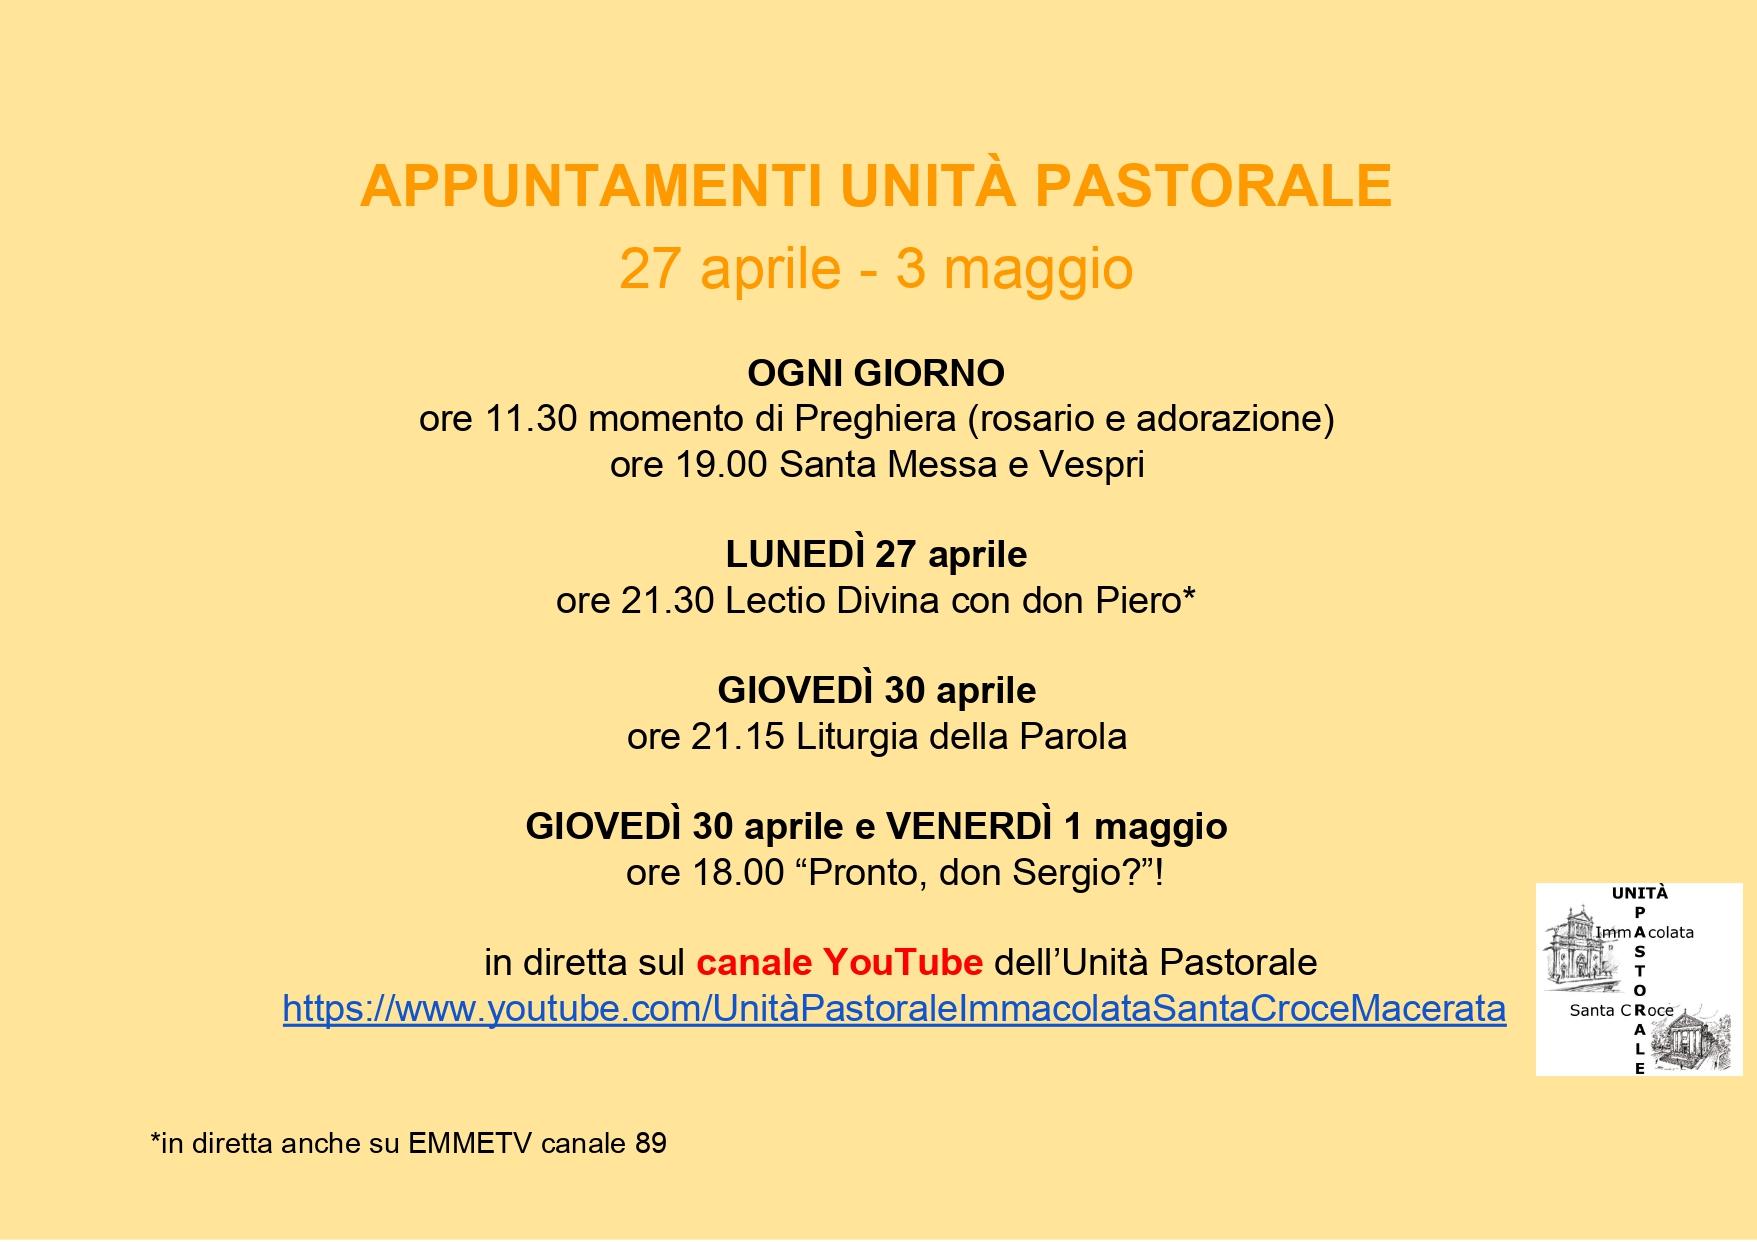 APPUNTAMENTI UNITÀ PASTORALE (2)_page-0001